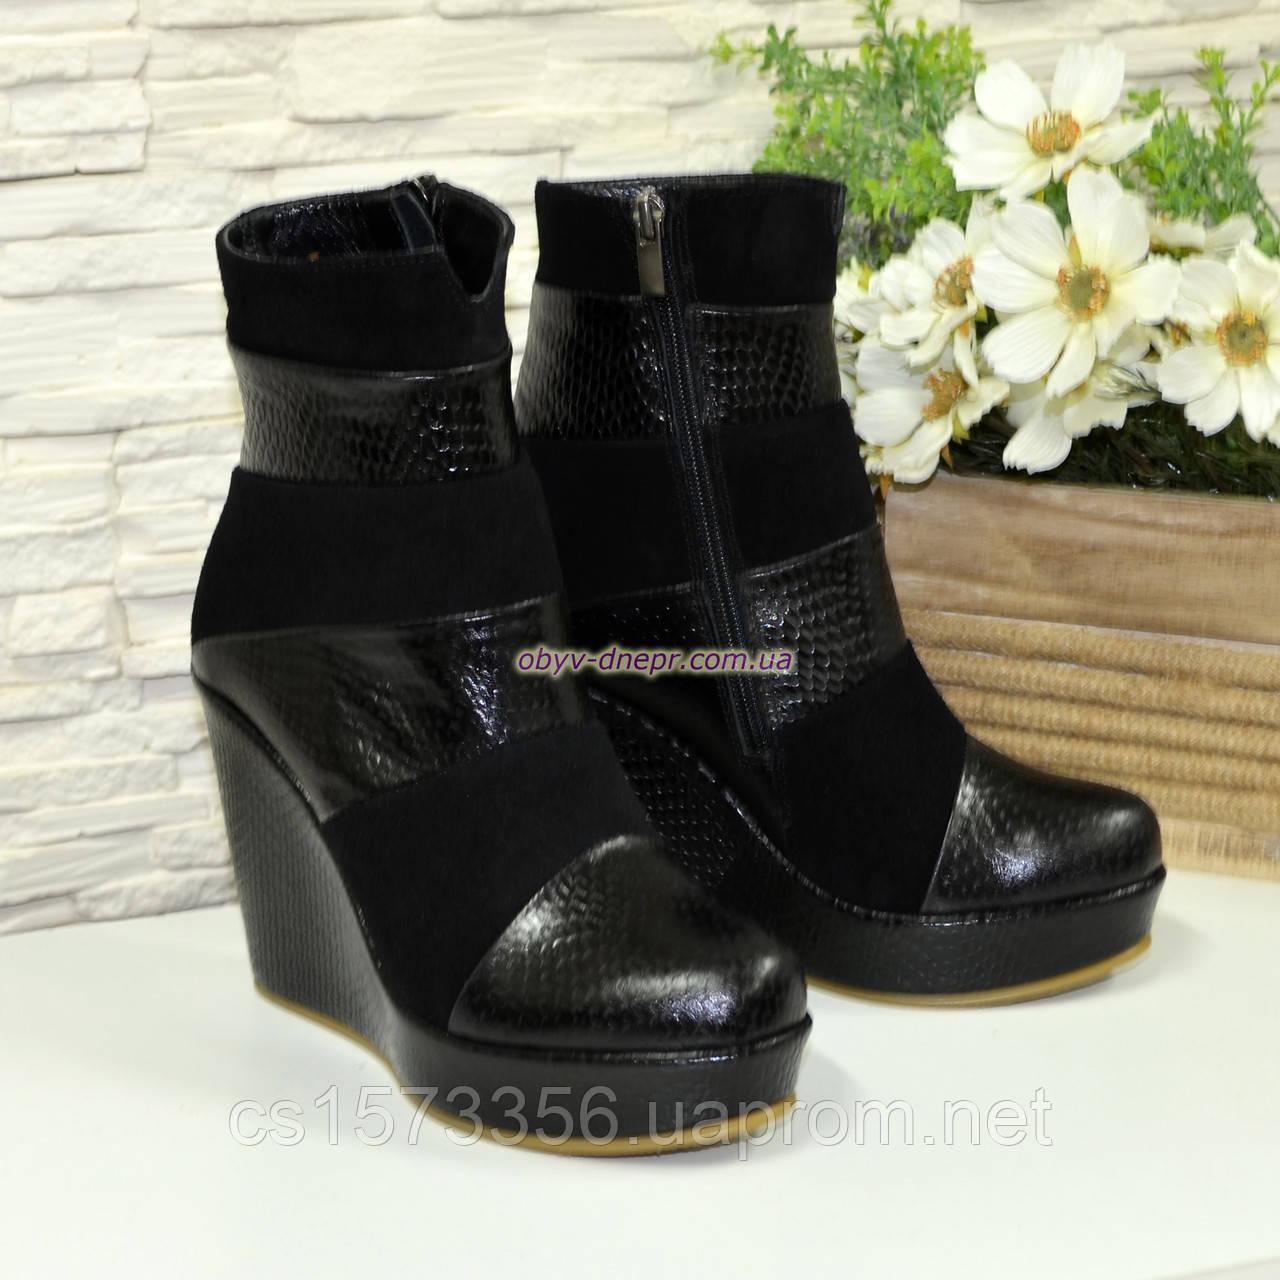 0429532a9 Ботинки демисезонные комбинированные на высокой платформе: продажа ...